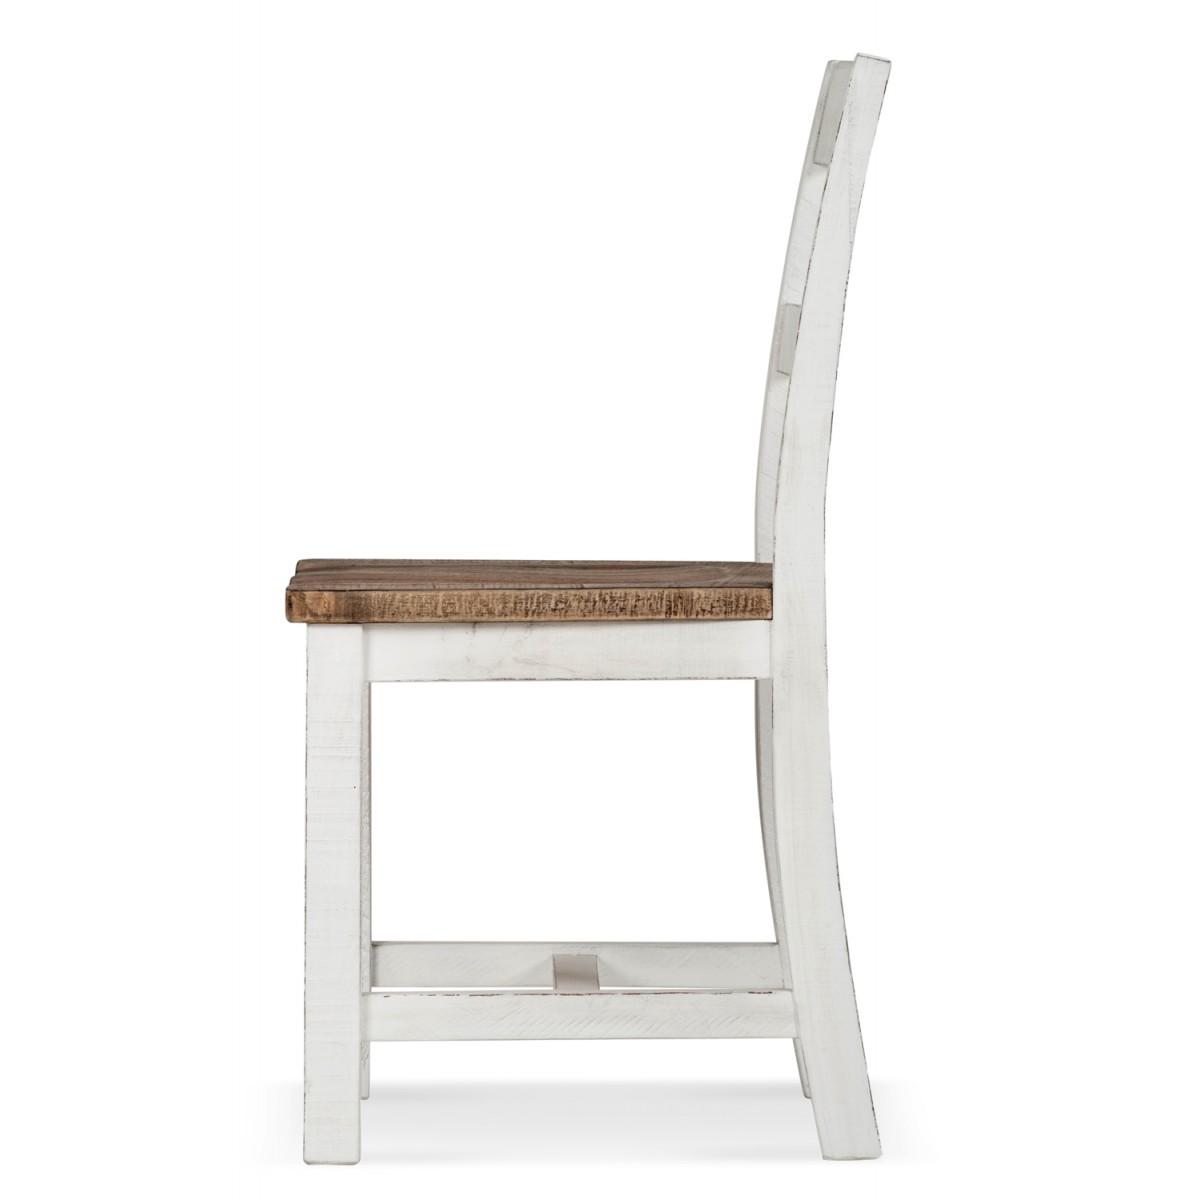 Chaise Bois Blanc 47.5x50x92.5cm